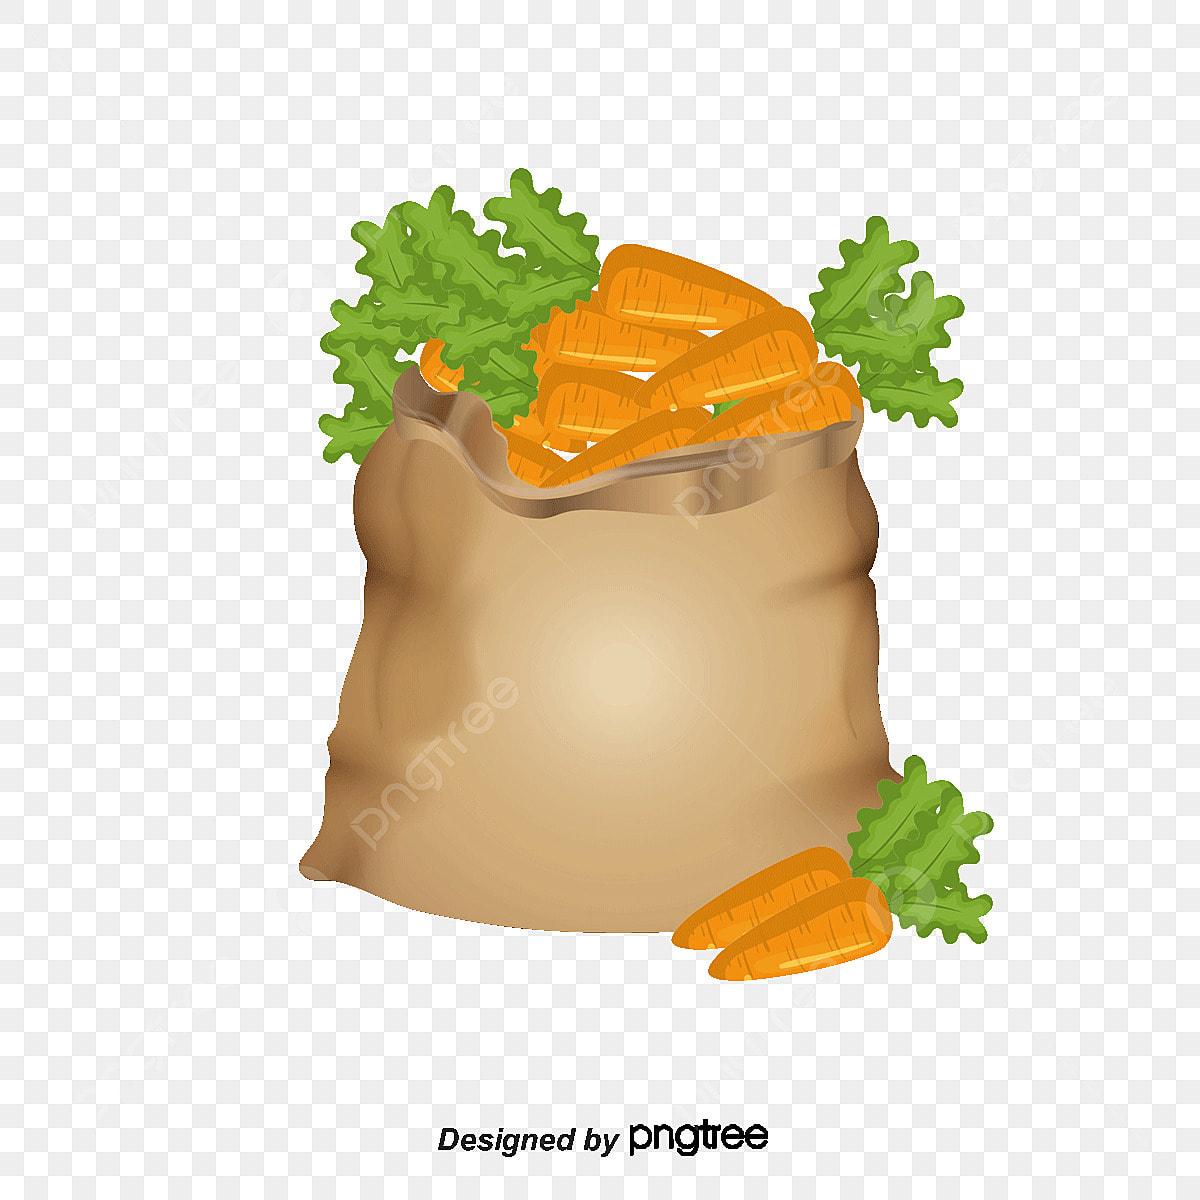 Vector De Zanahoria Saco Verduras Dibujos Animados De Verduras Png Y Psd Para Descargar Gratis Pngtree Subespecie sativus, la zanahoria, pertenece a la familia de las umbelíferas, también denominadas apiáceas. https es pngtree com freepng vector carrot 1357122 html